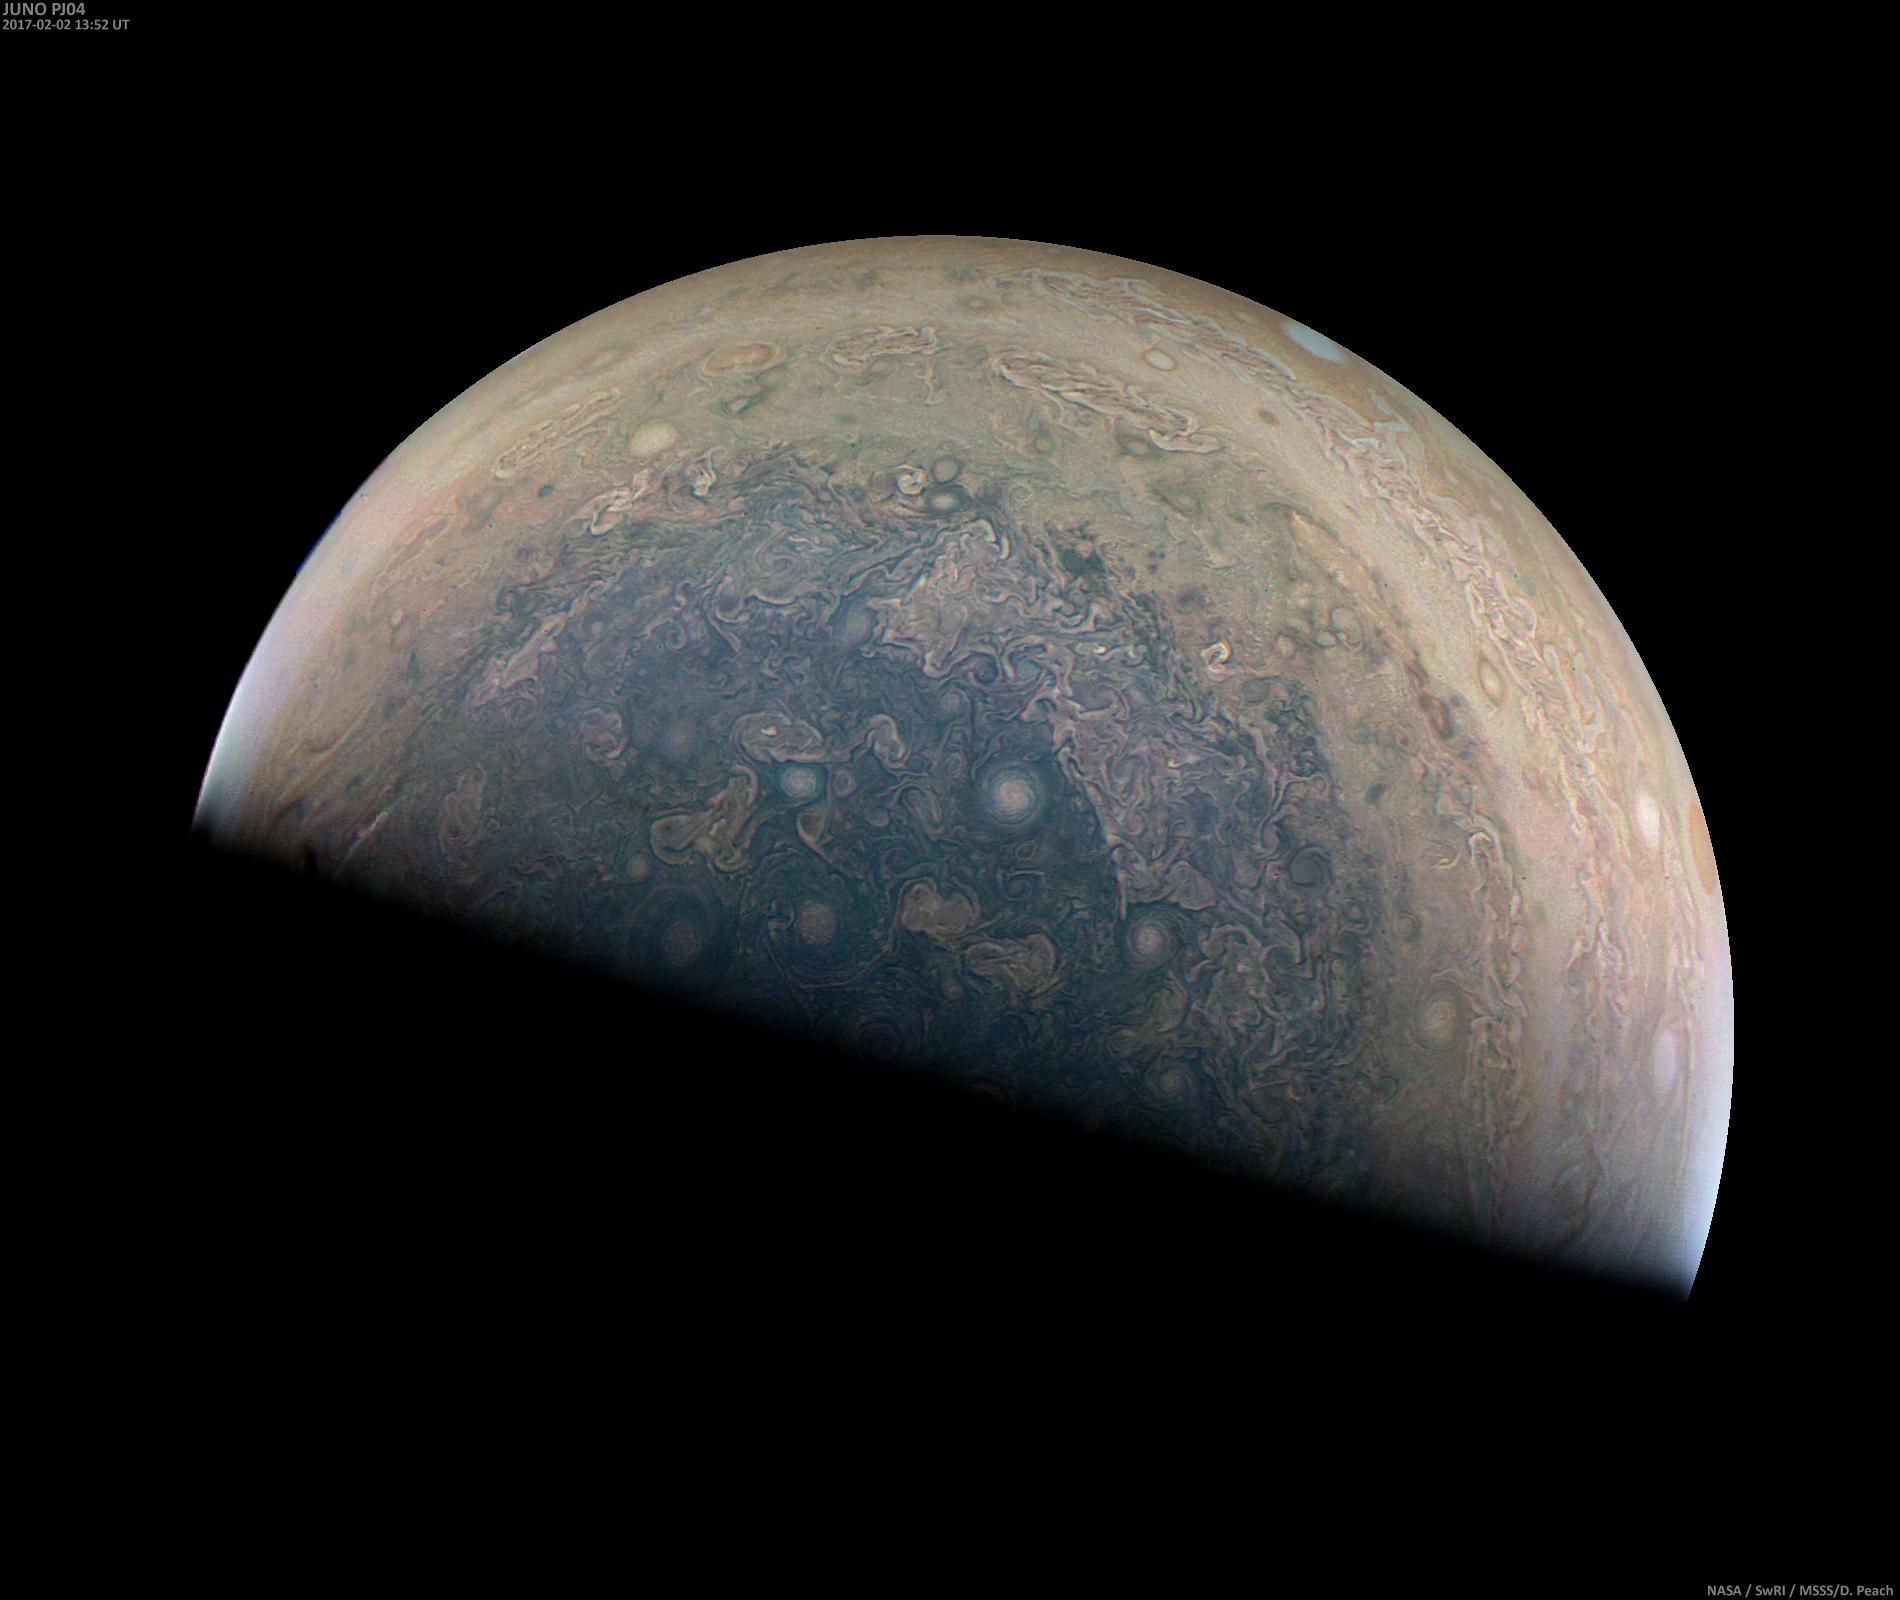 Jupiter by Juno, Feb. 2, 2017